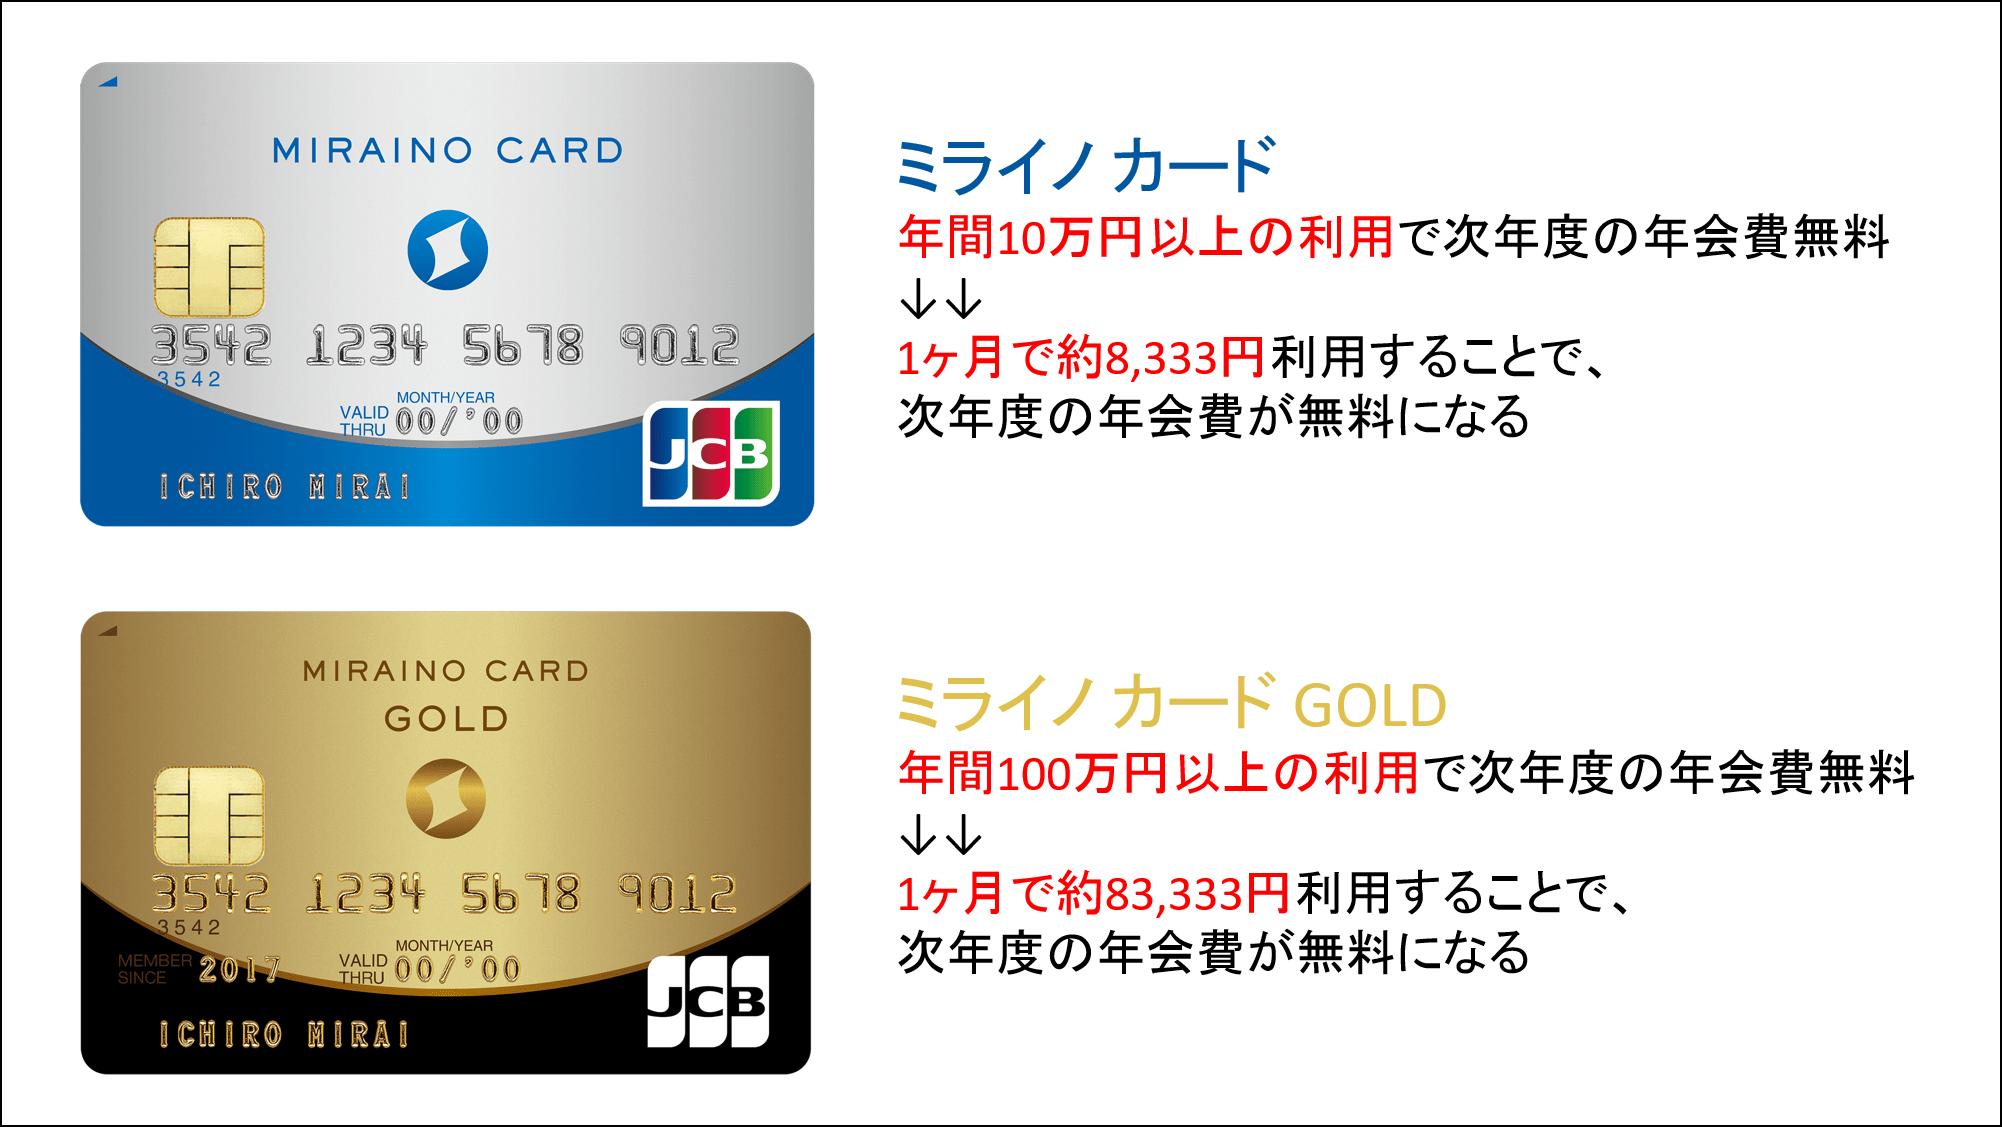 ミライノカード 2種類の年会費